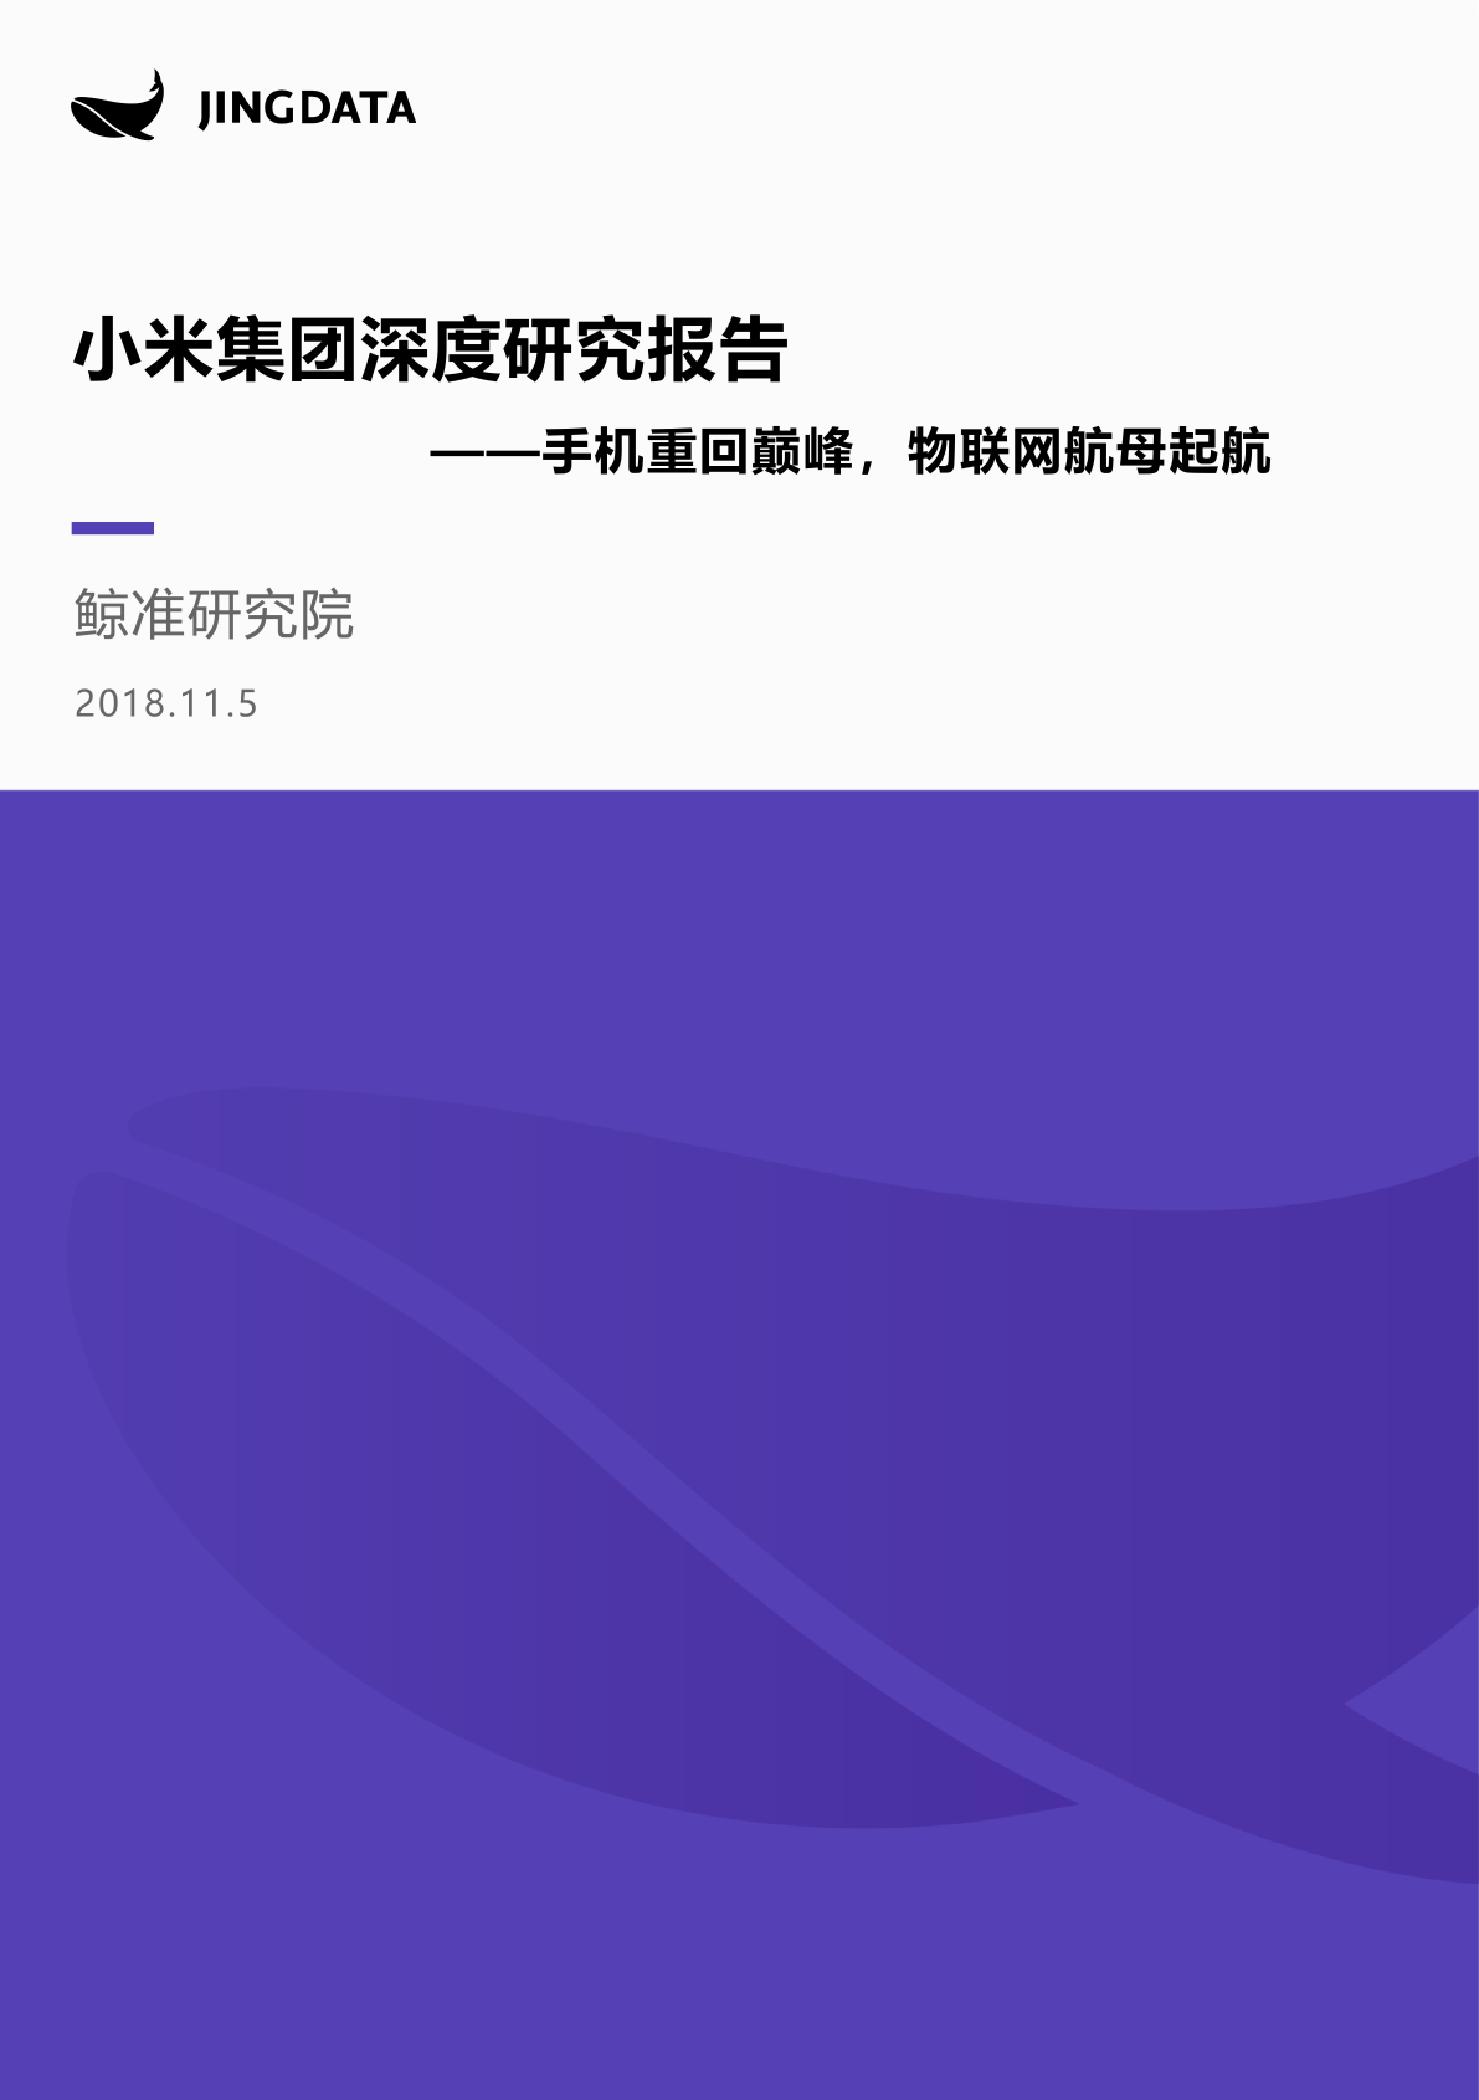 小米集团深度研究报告